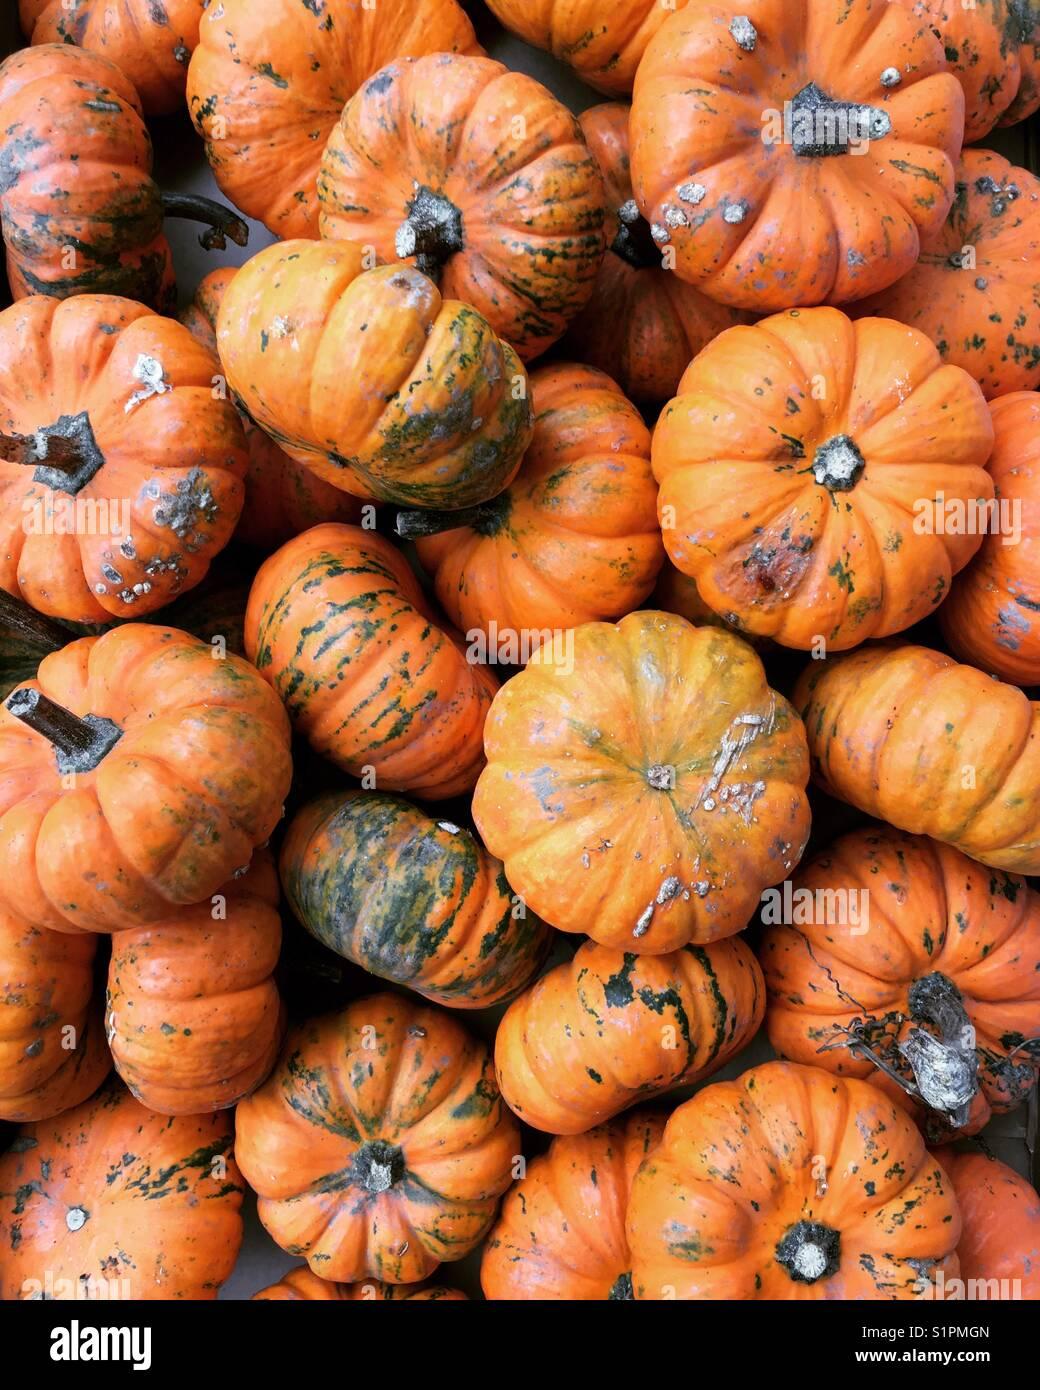 Baby pumpkins - Stock Image